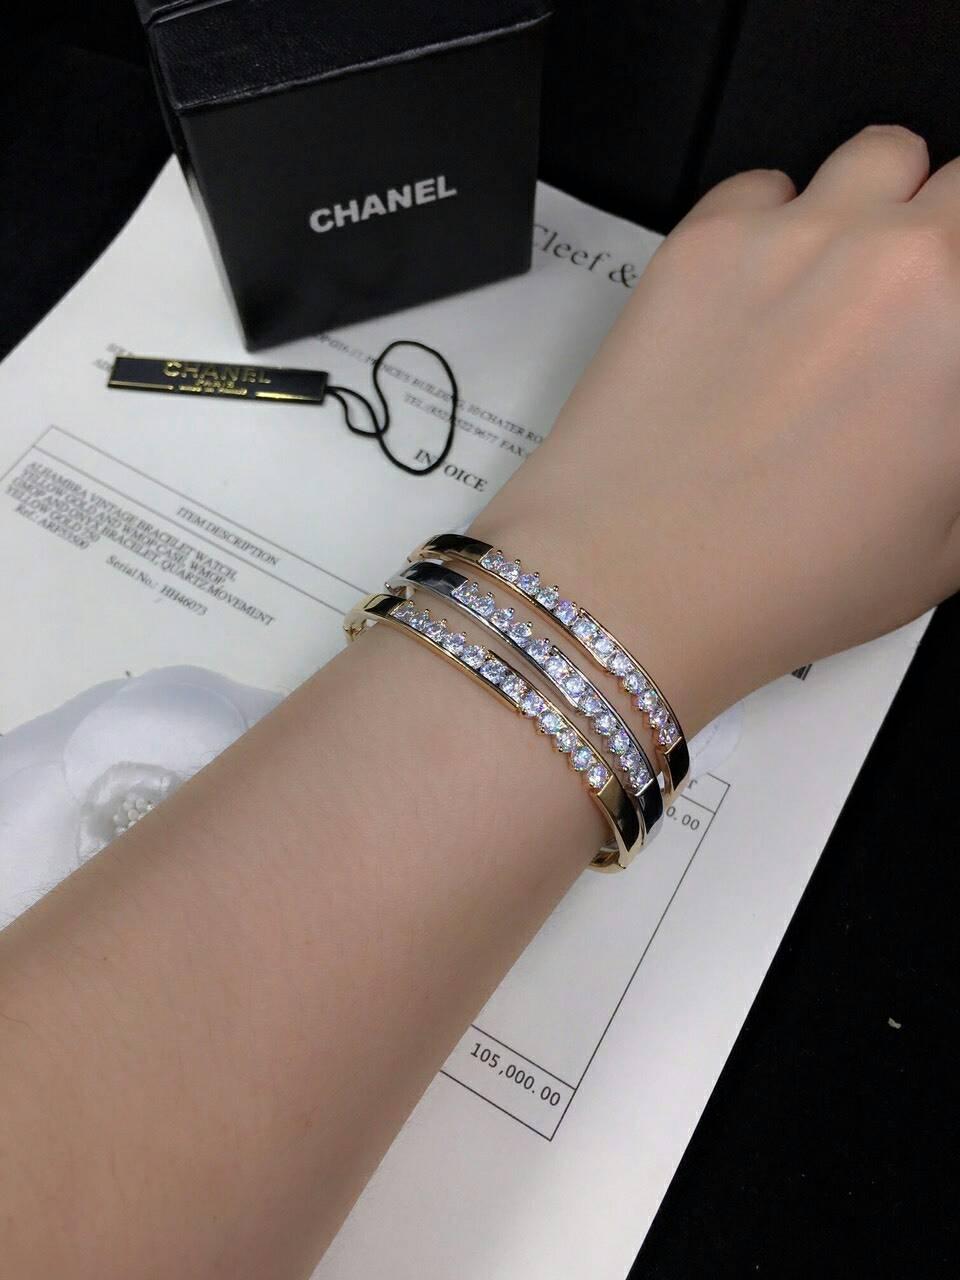 Diamond Bracelet กำไลเพชร CZ แท้ โคตรเหมือนแท้เลย กำไลเพชร CZ แท้ ดีไซส์เรียบหรูดูดีสวยมาก